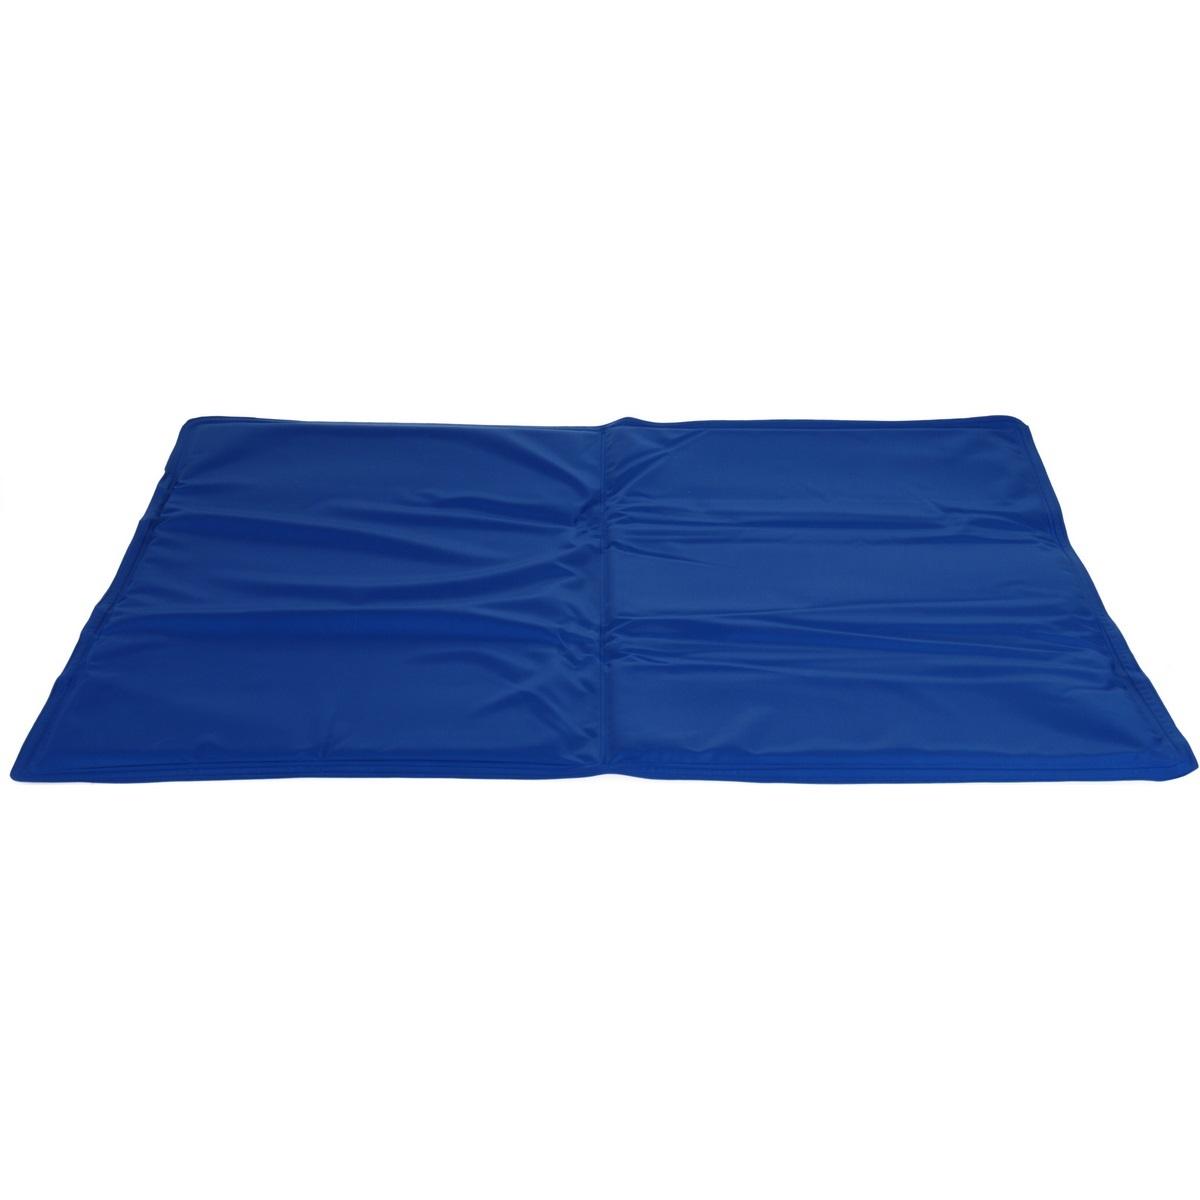 Chladící podložka pro psy, 40 x 50 cm